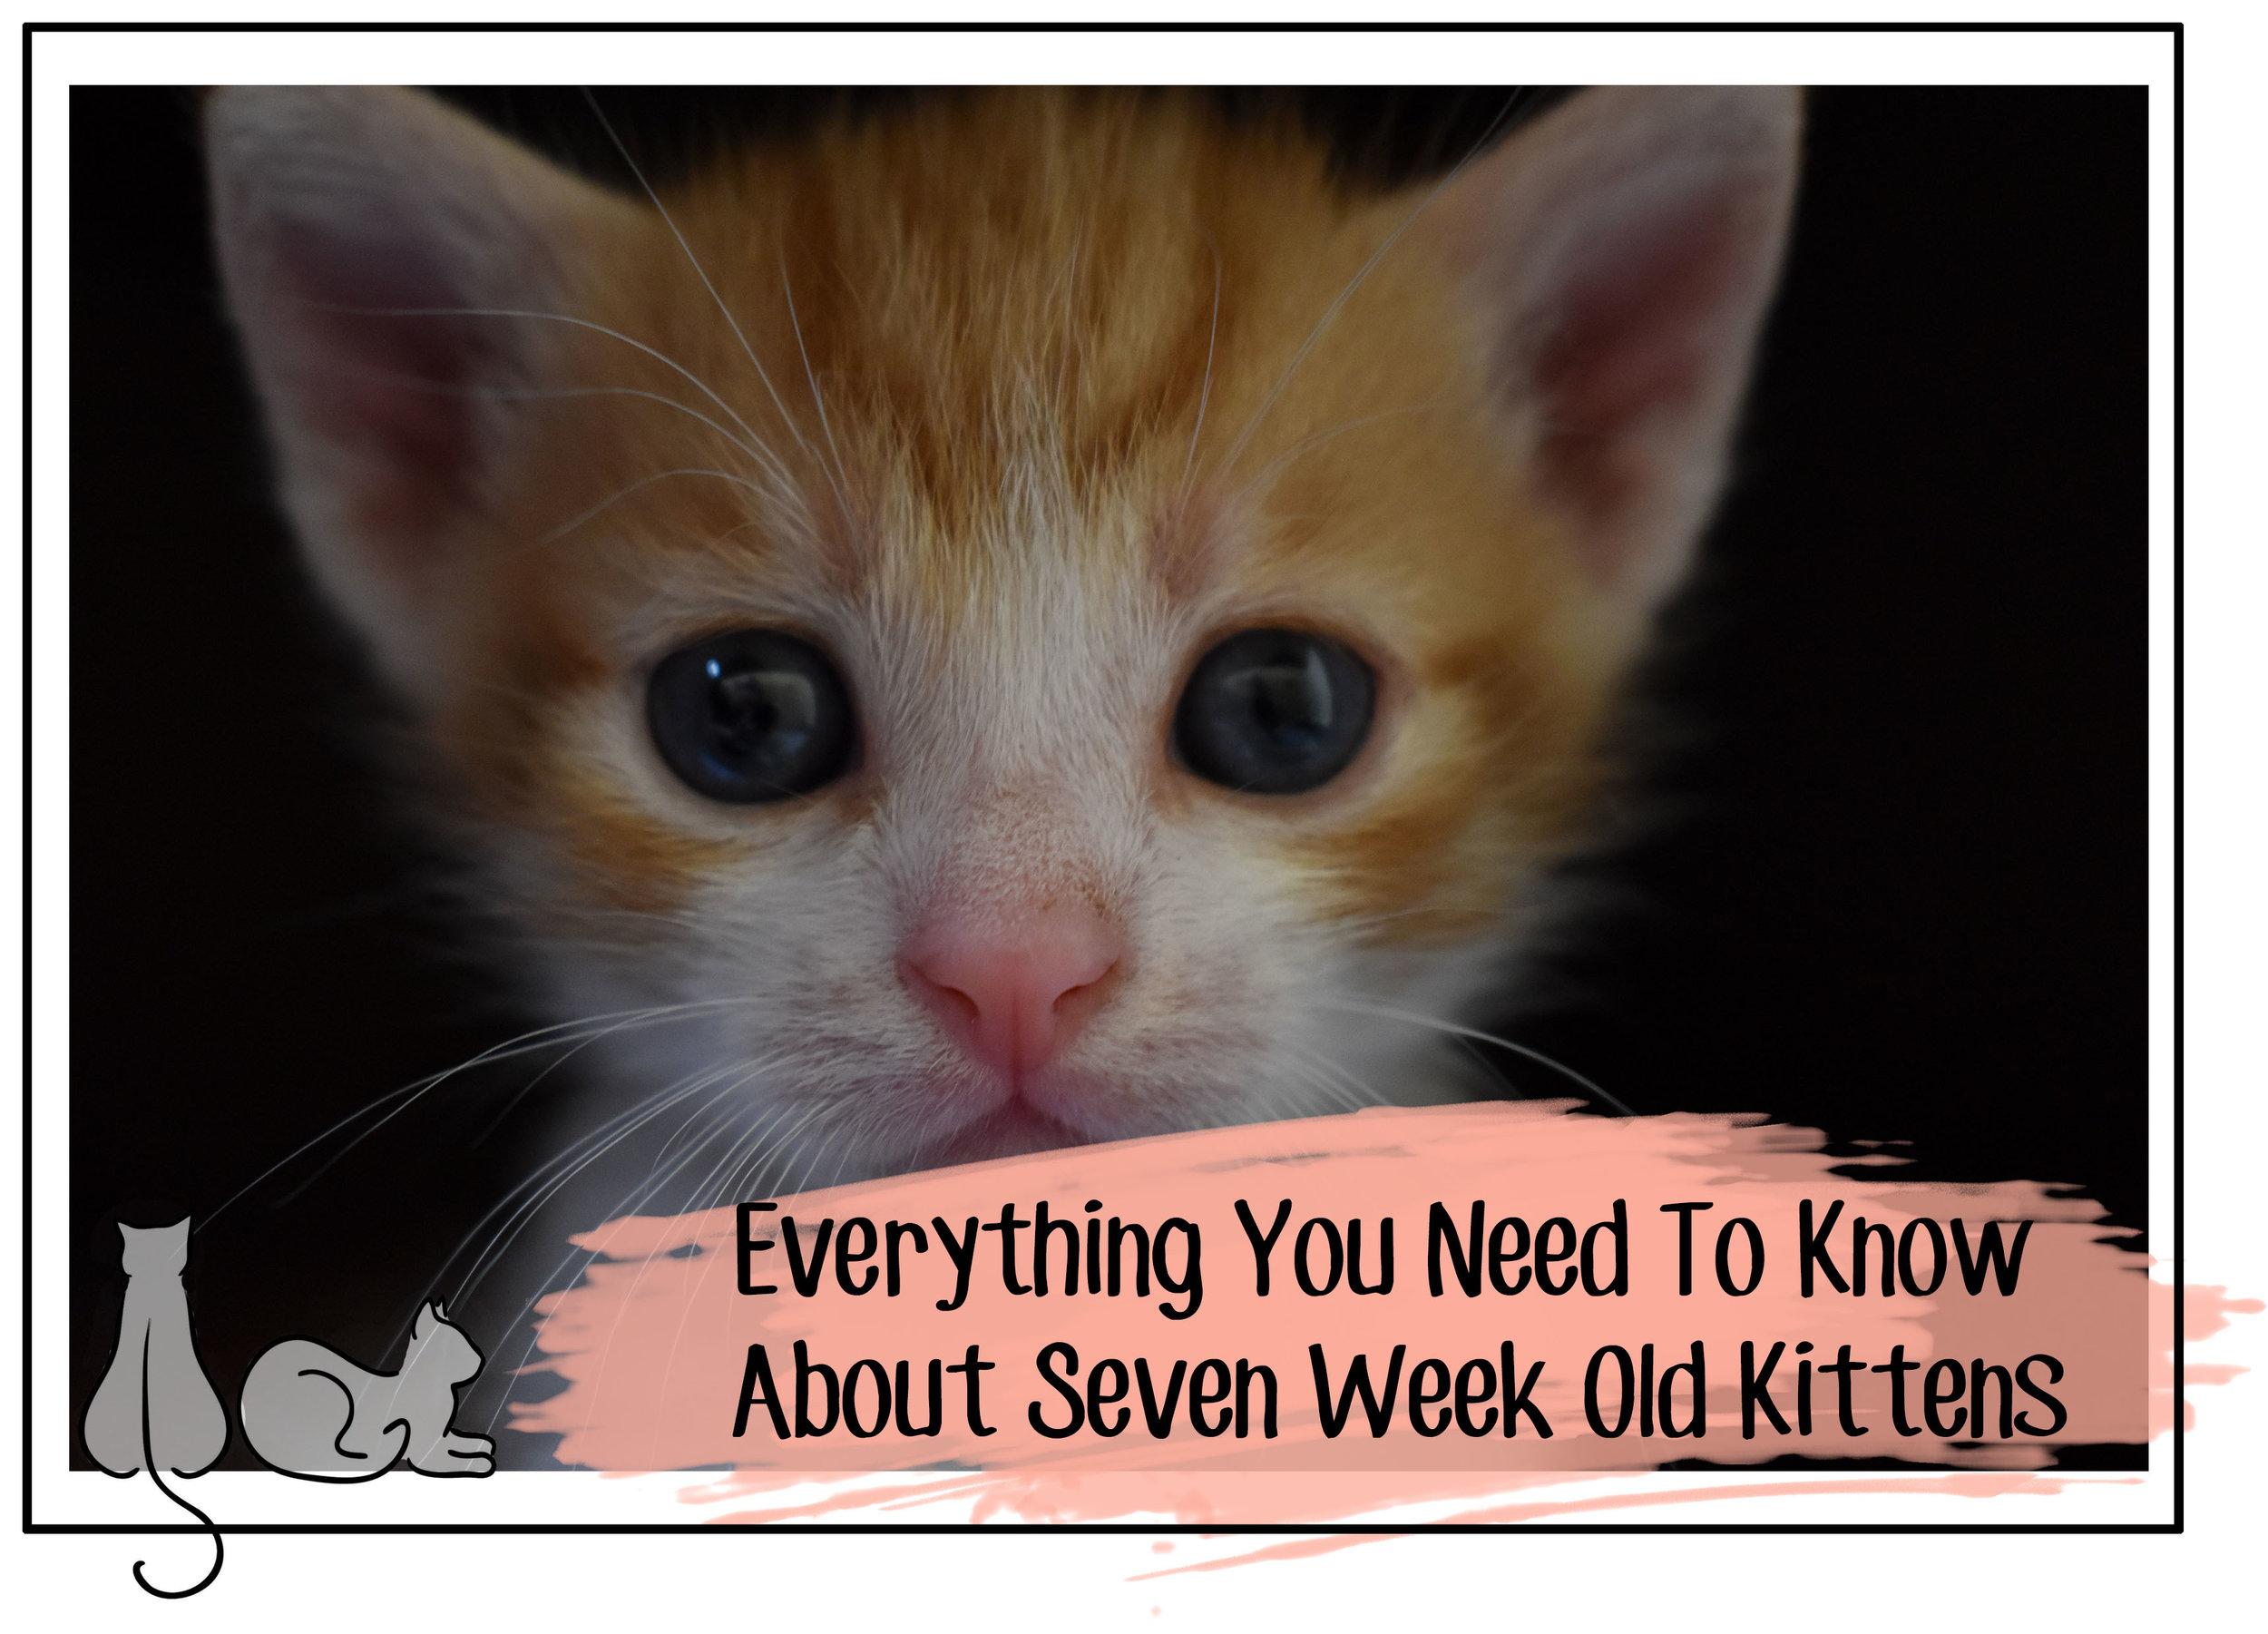 seven week old kittens header.jpg